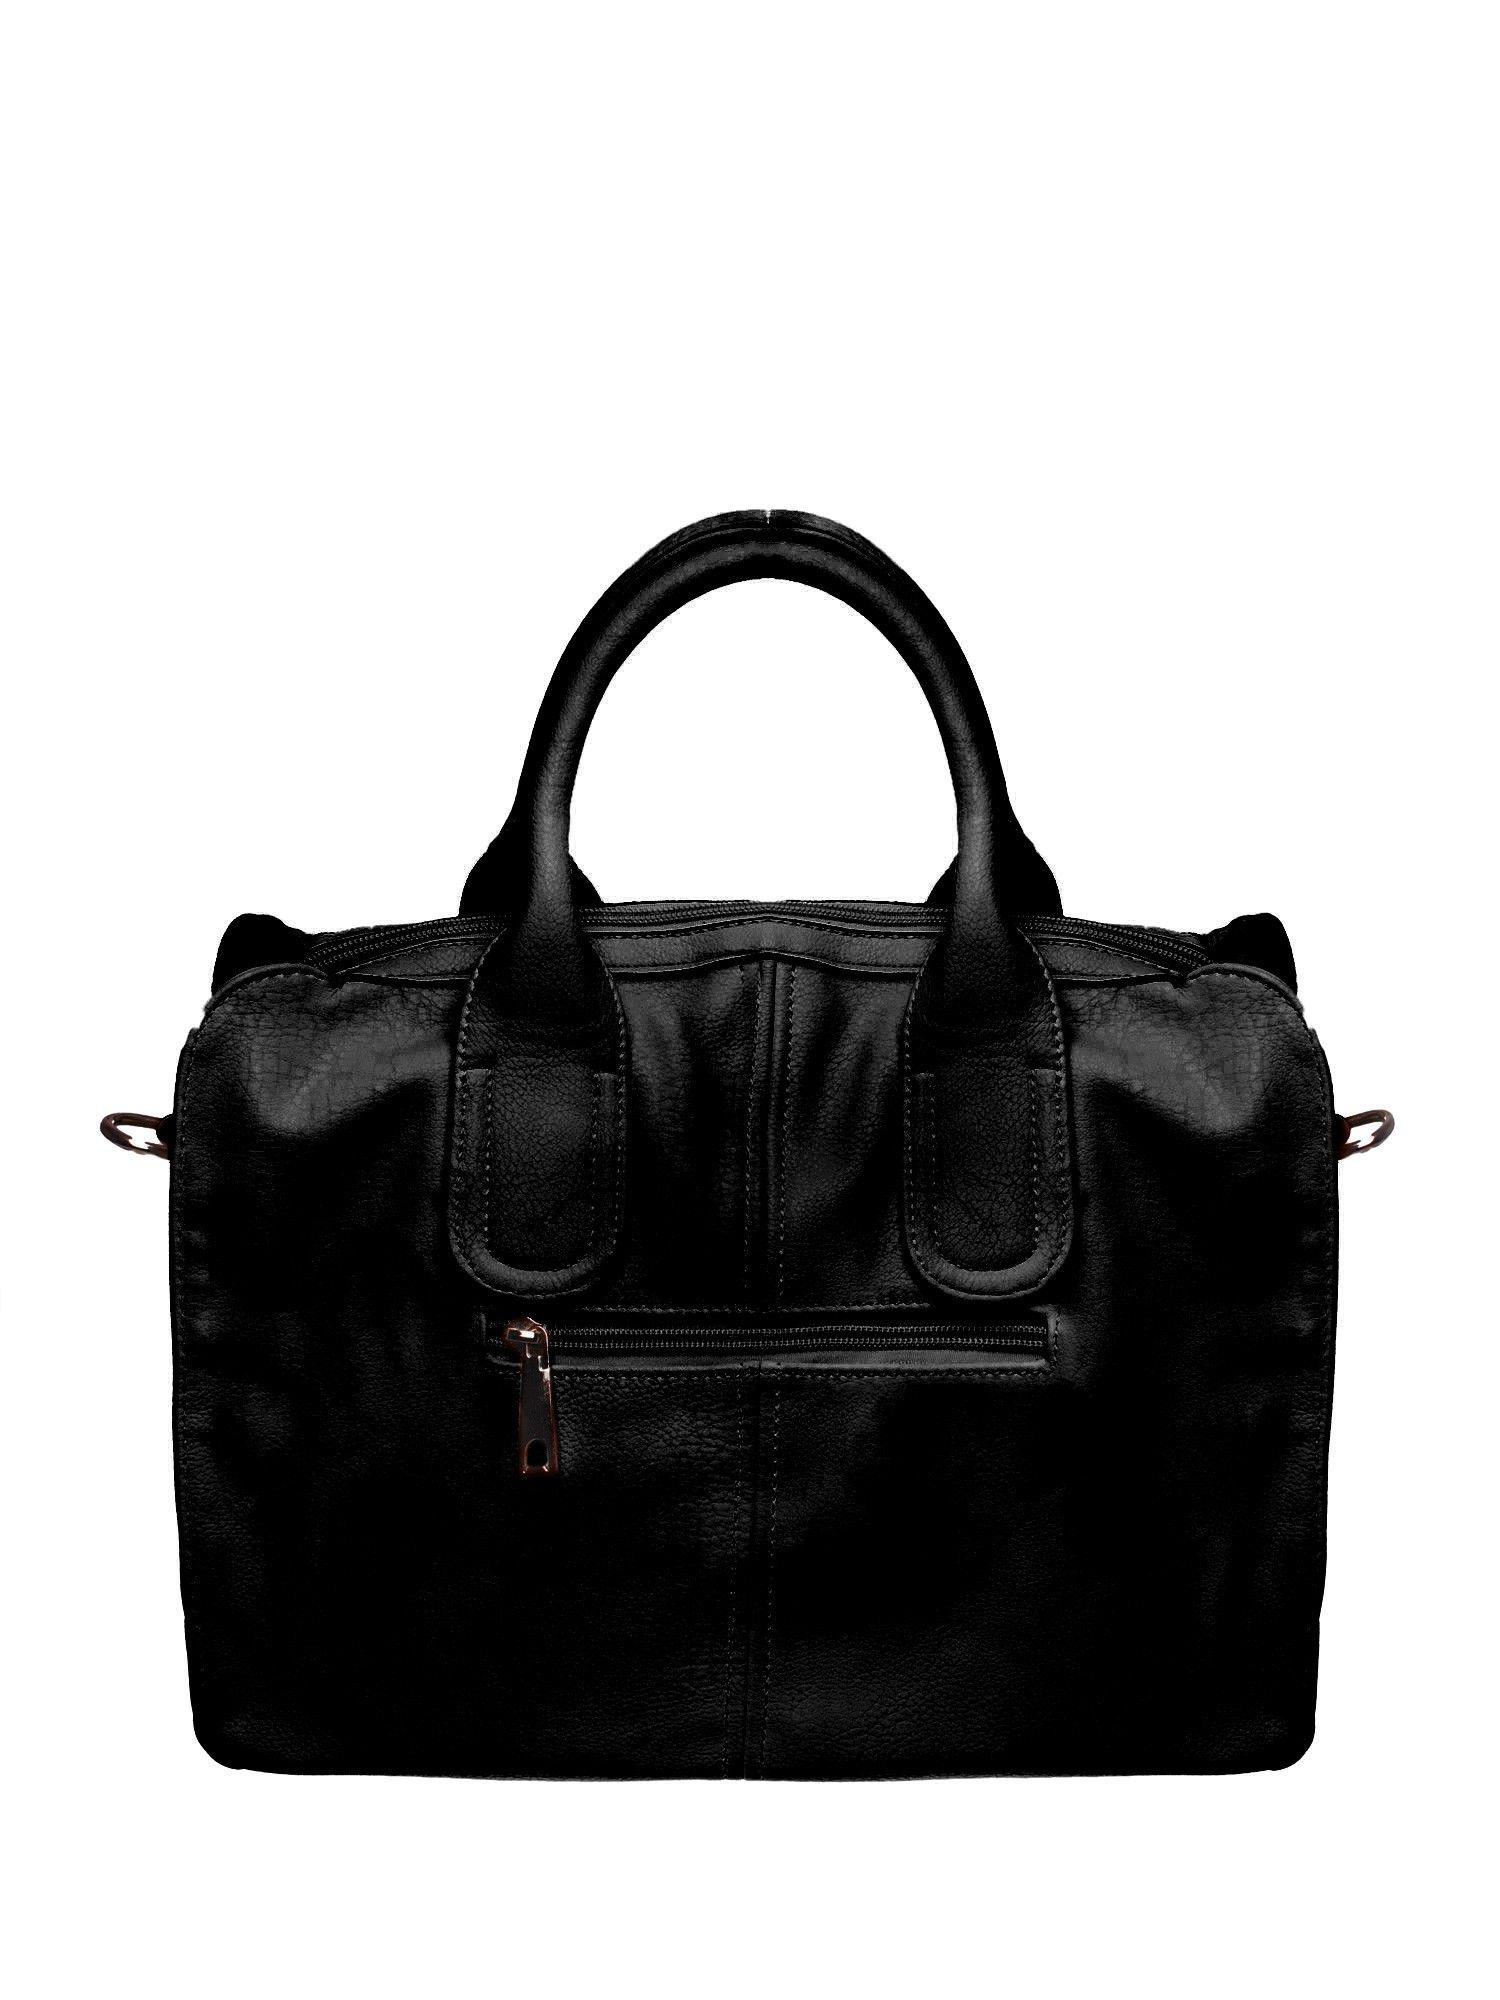 Czarna torba miejska z odpinanym paskiem                                  zdj.                                  2